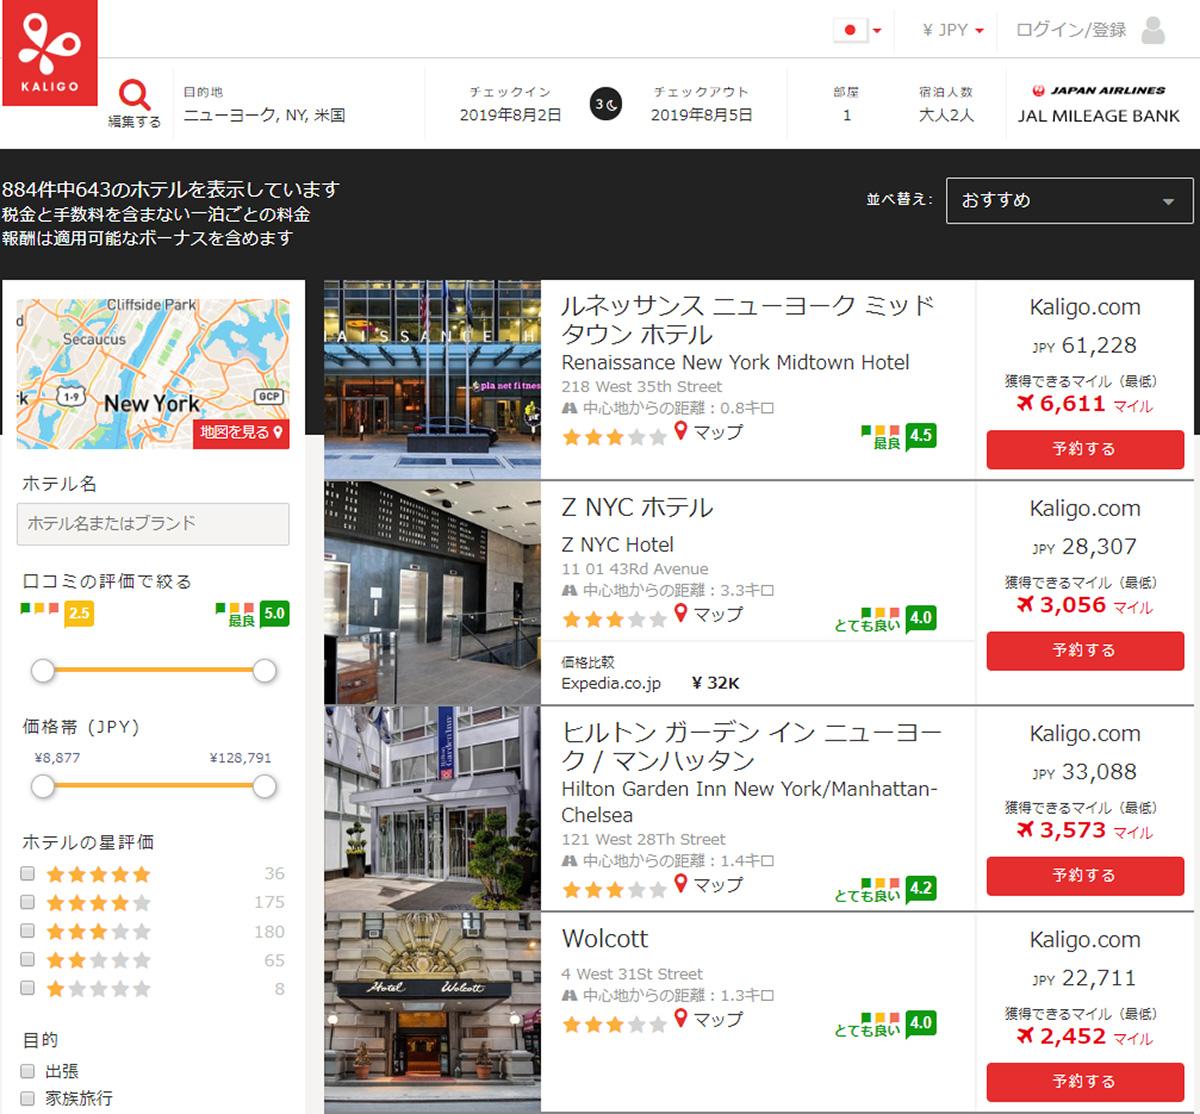 宿泊予約サイト、Kaligoの宿泊プラン検索結果画面